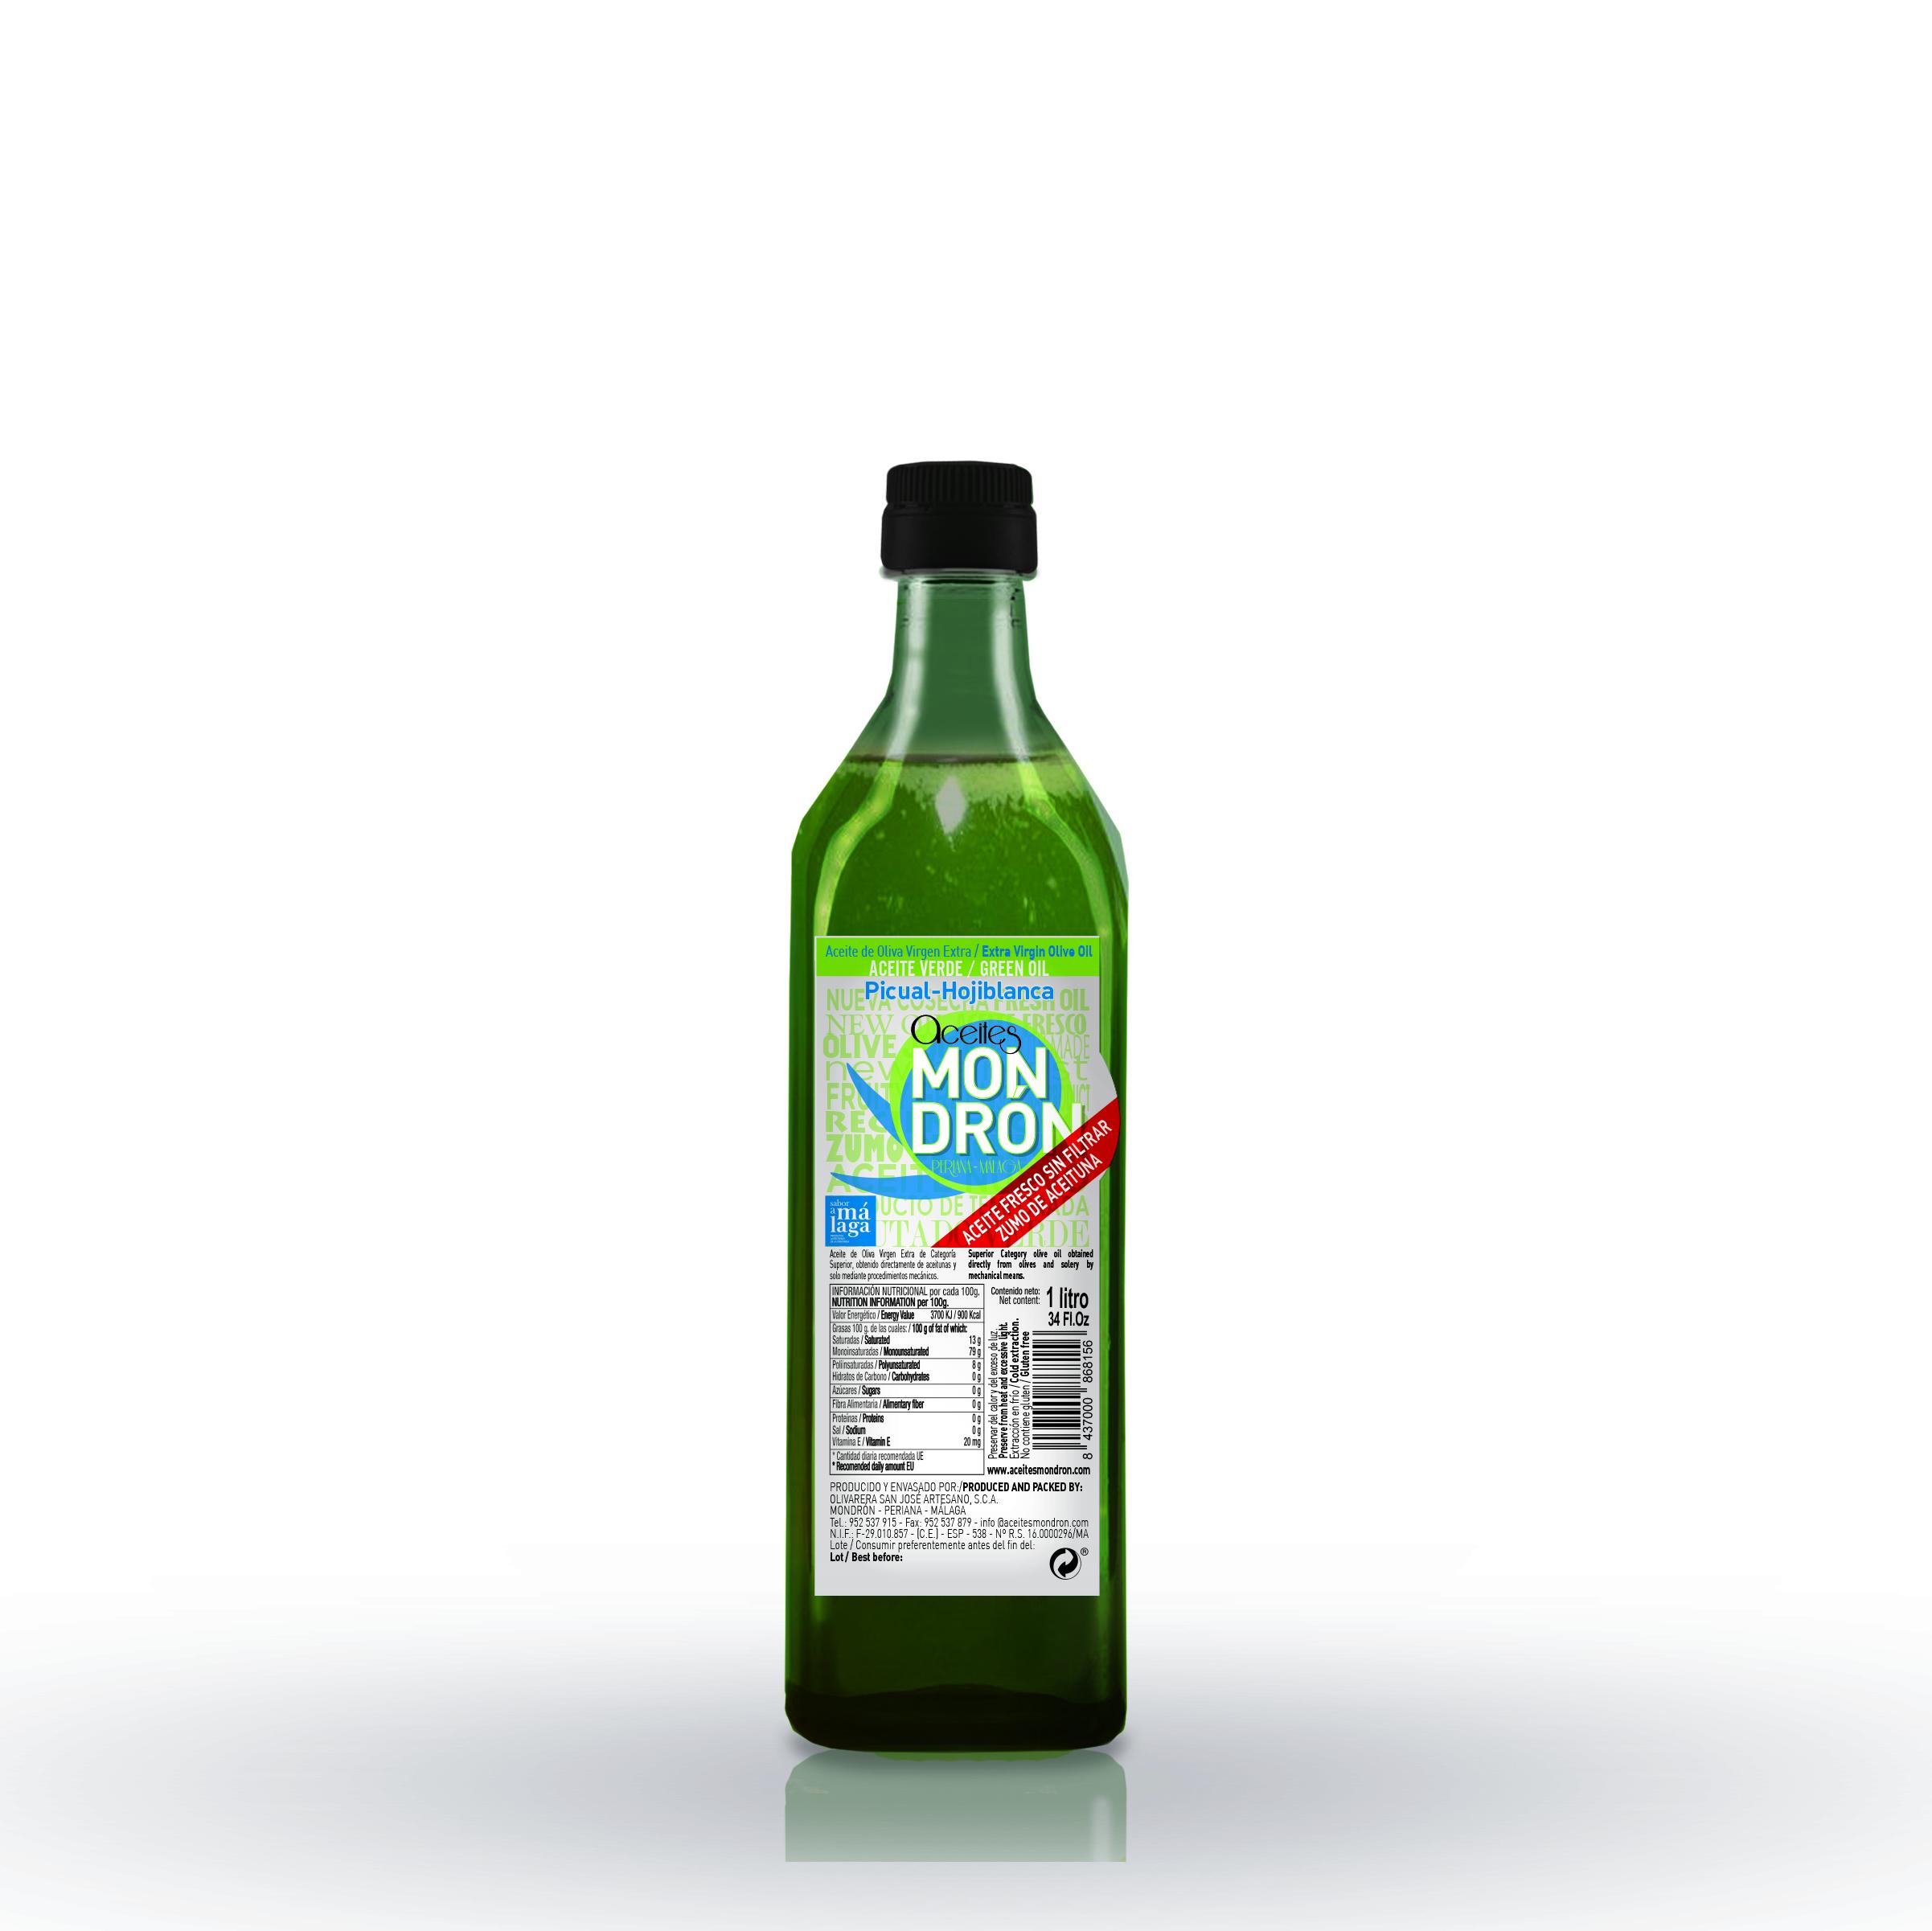 Aceite de Oliva Virgen Extra, Fresco Sin filtrar Picual y Hojiblanco 1L